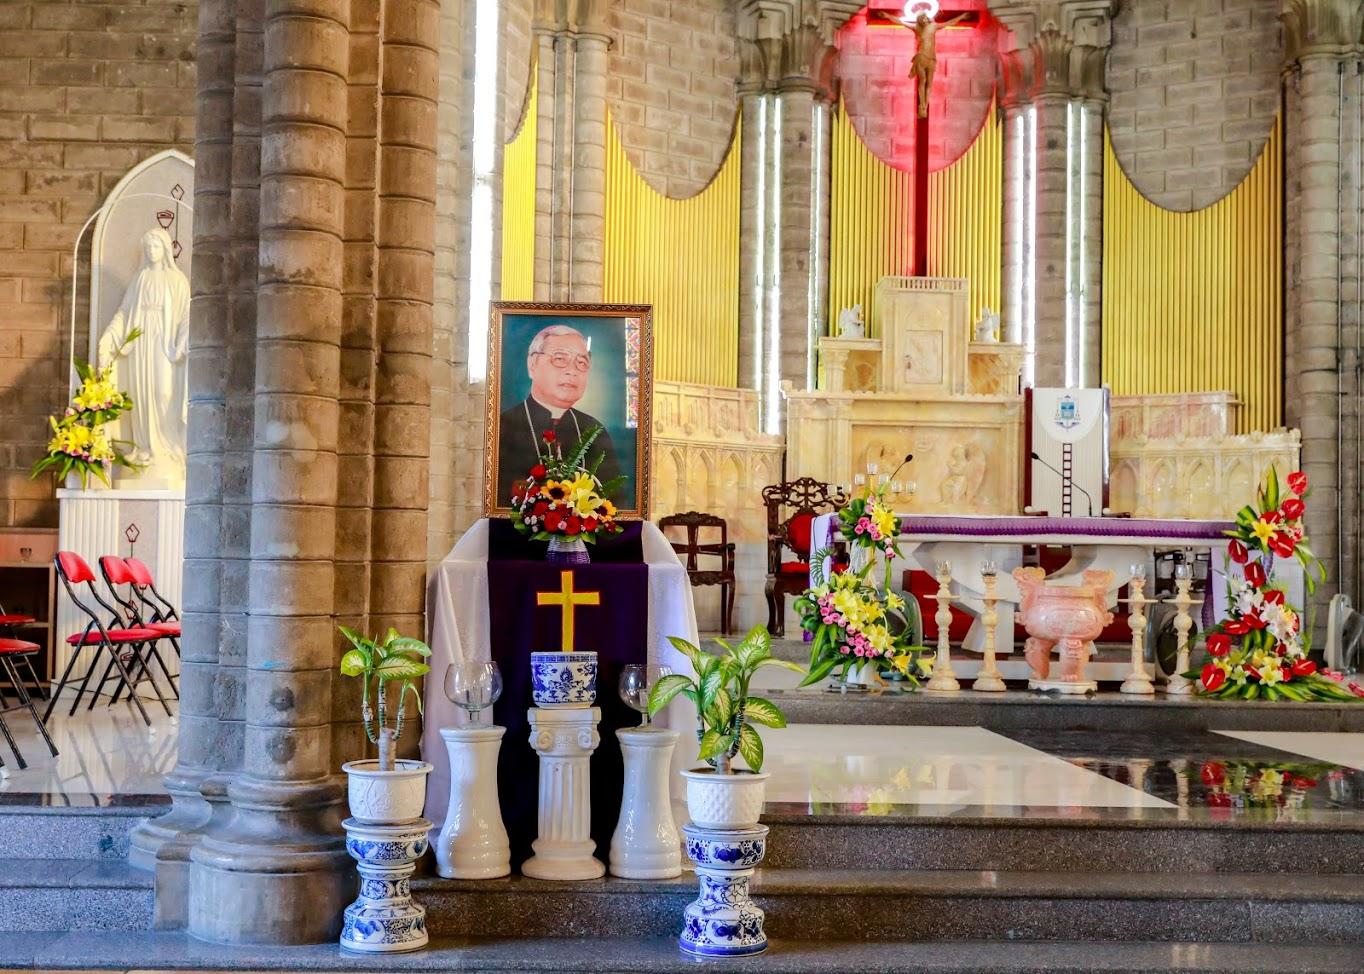 Thánh lễ giỗ lần thứ 15 Đức Cha Phêrô Nguyễn Văn Nho tại nhà thờ Chánh Tòa Nha Trang (21.05.2003 - 21.05.2018)